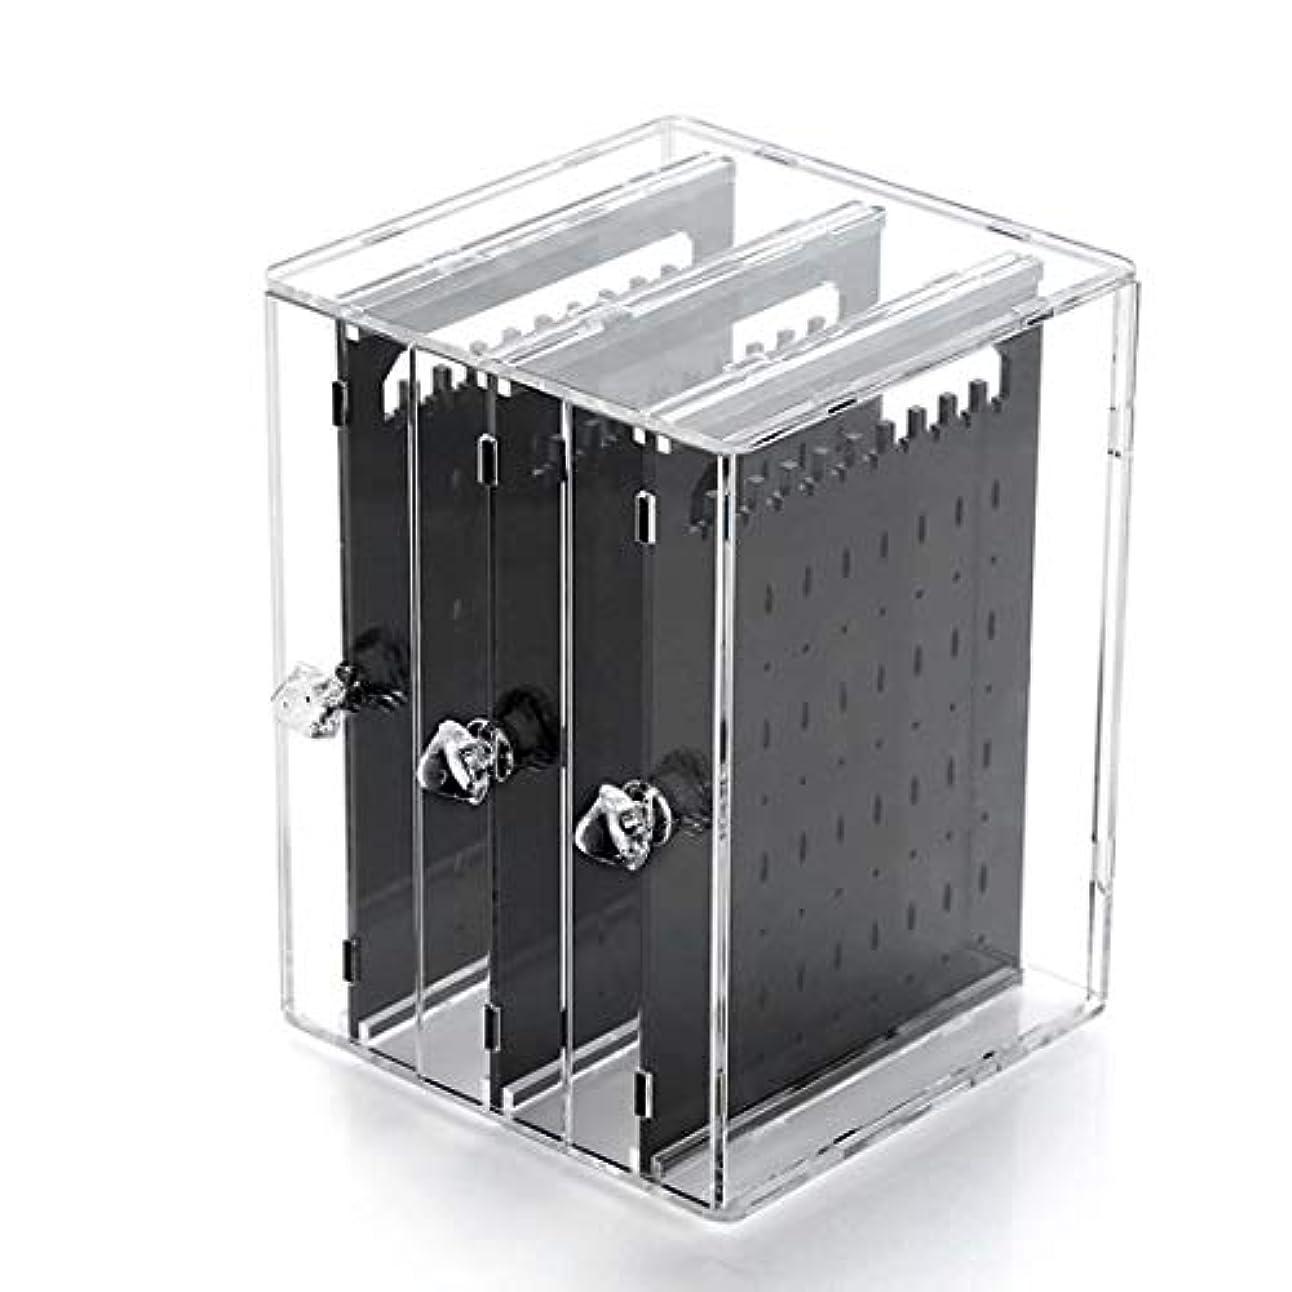 簡単にテレビ局豊富なRyohan ピアス&イアリングスタンド ジュエリー収納 アクリル樹脂 引き出し式ピアス収納スタンド アクセサリー収納 (透明)